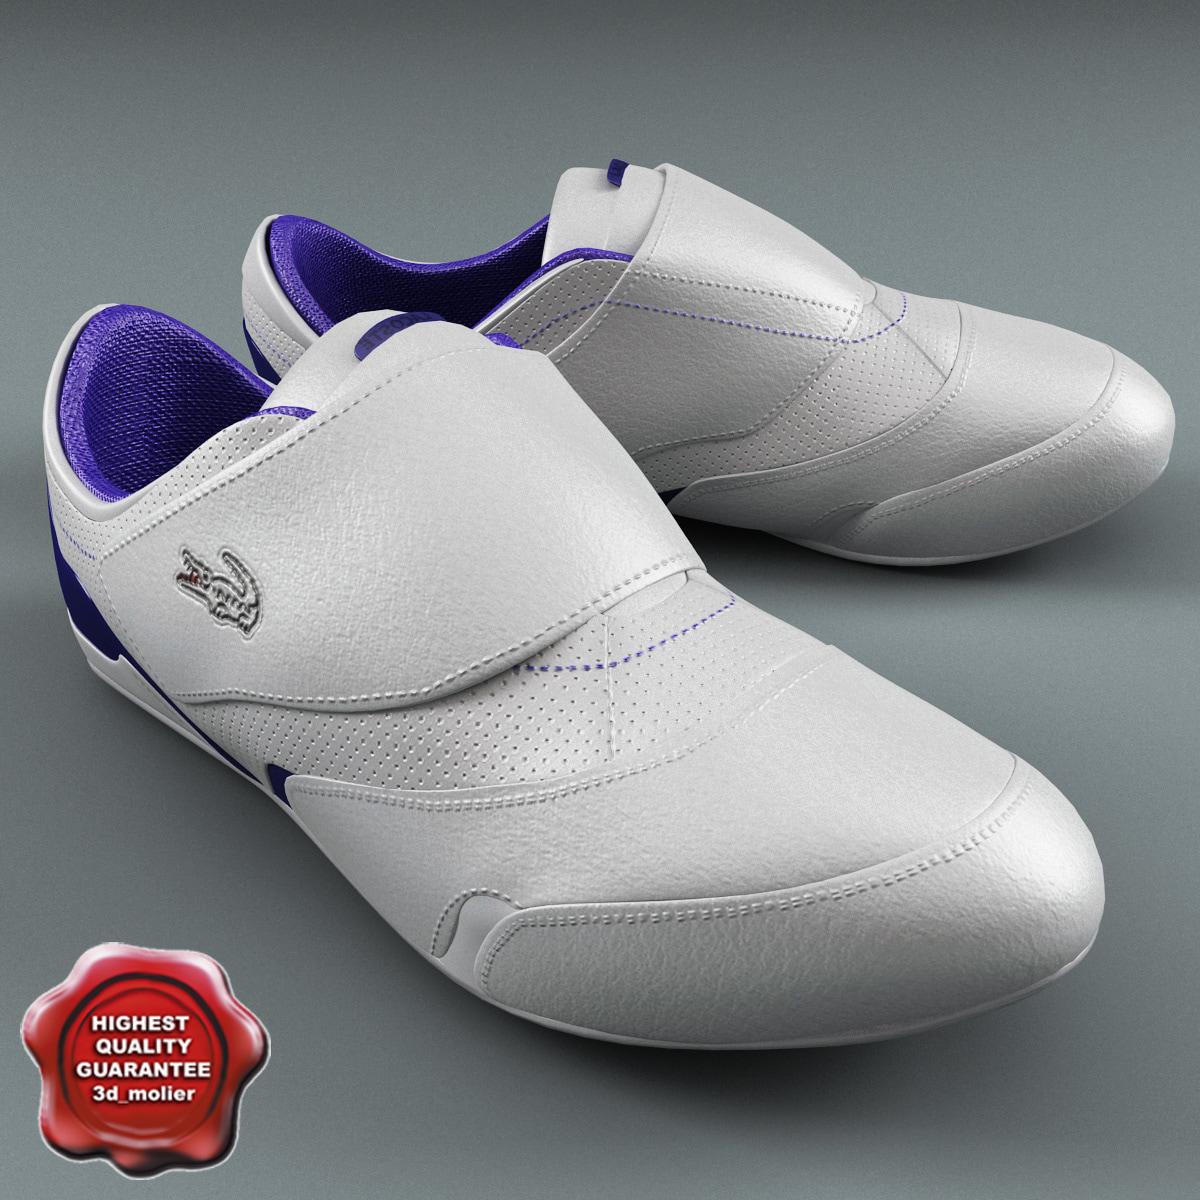 Mens_Sneakers_Lacoste_00.jpg